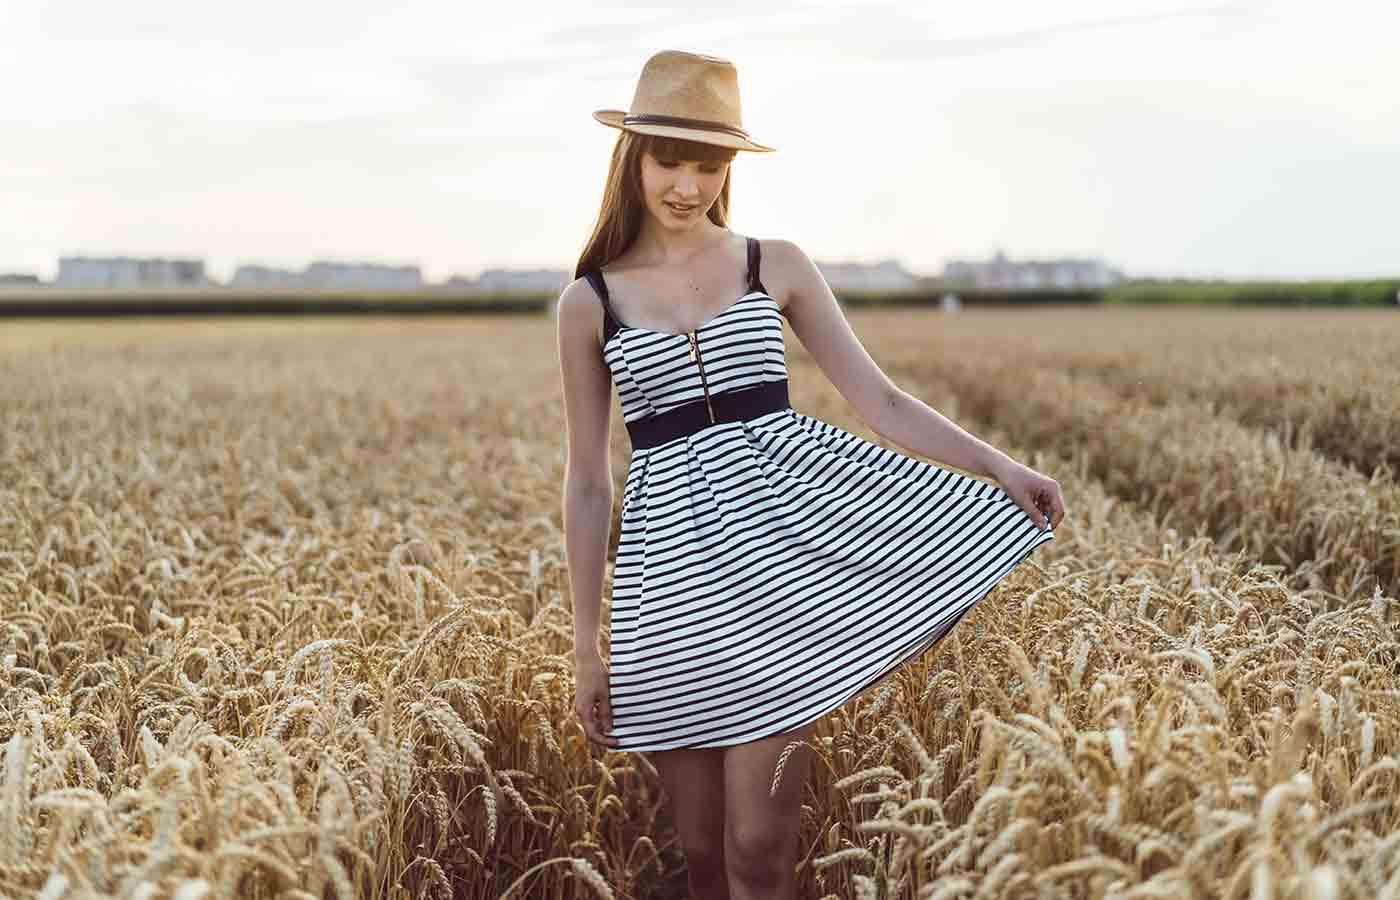 Vestido de verano luciendo un look minimalista